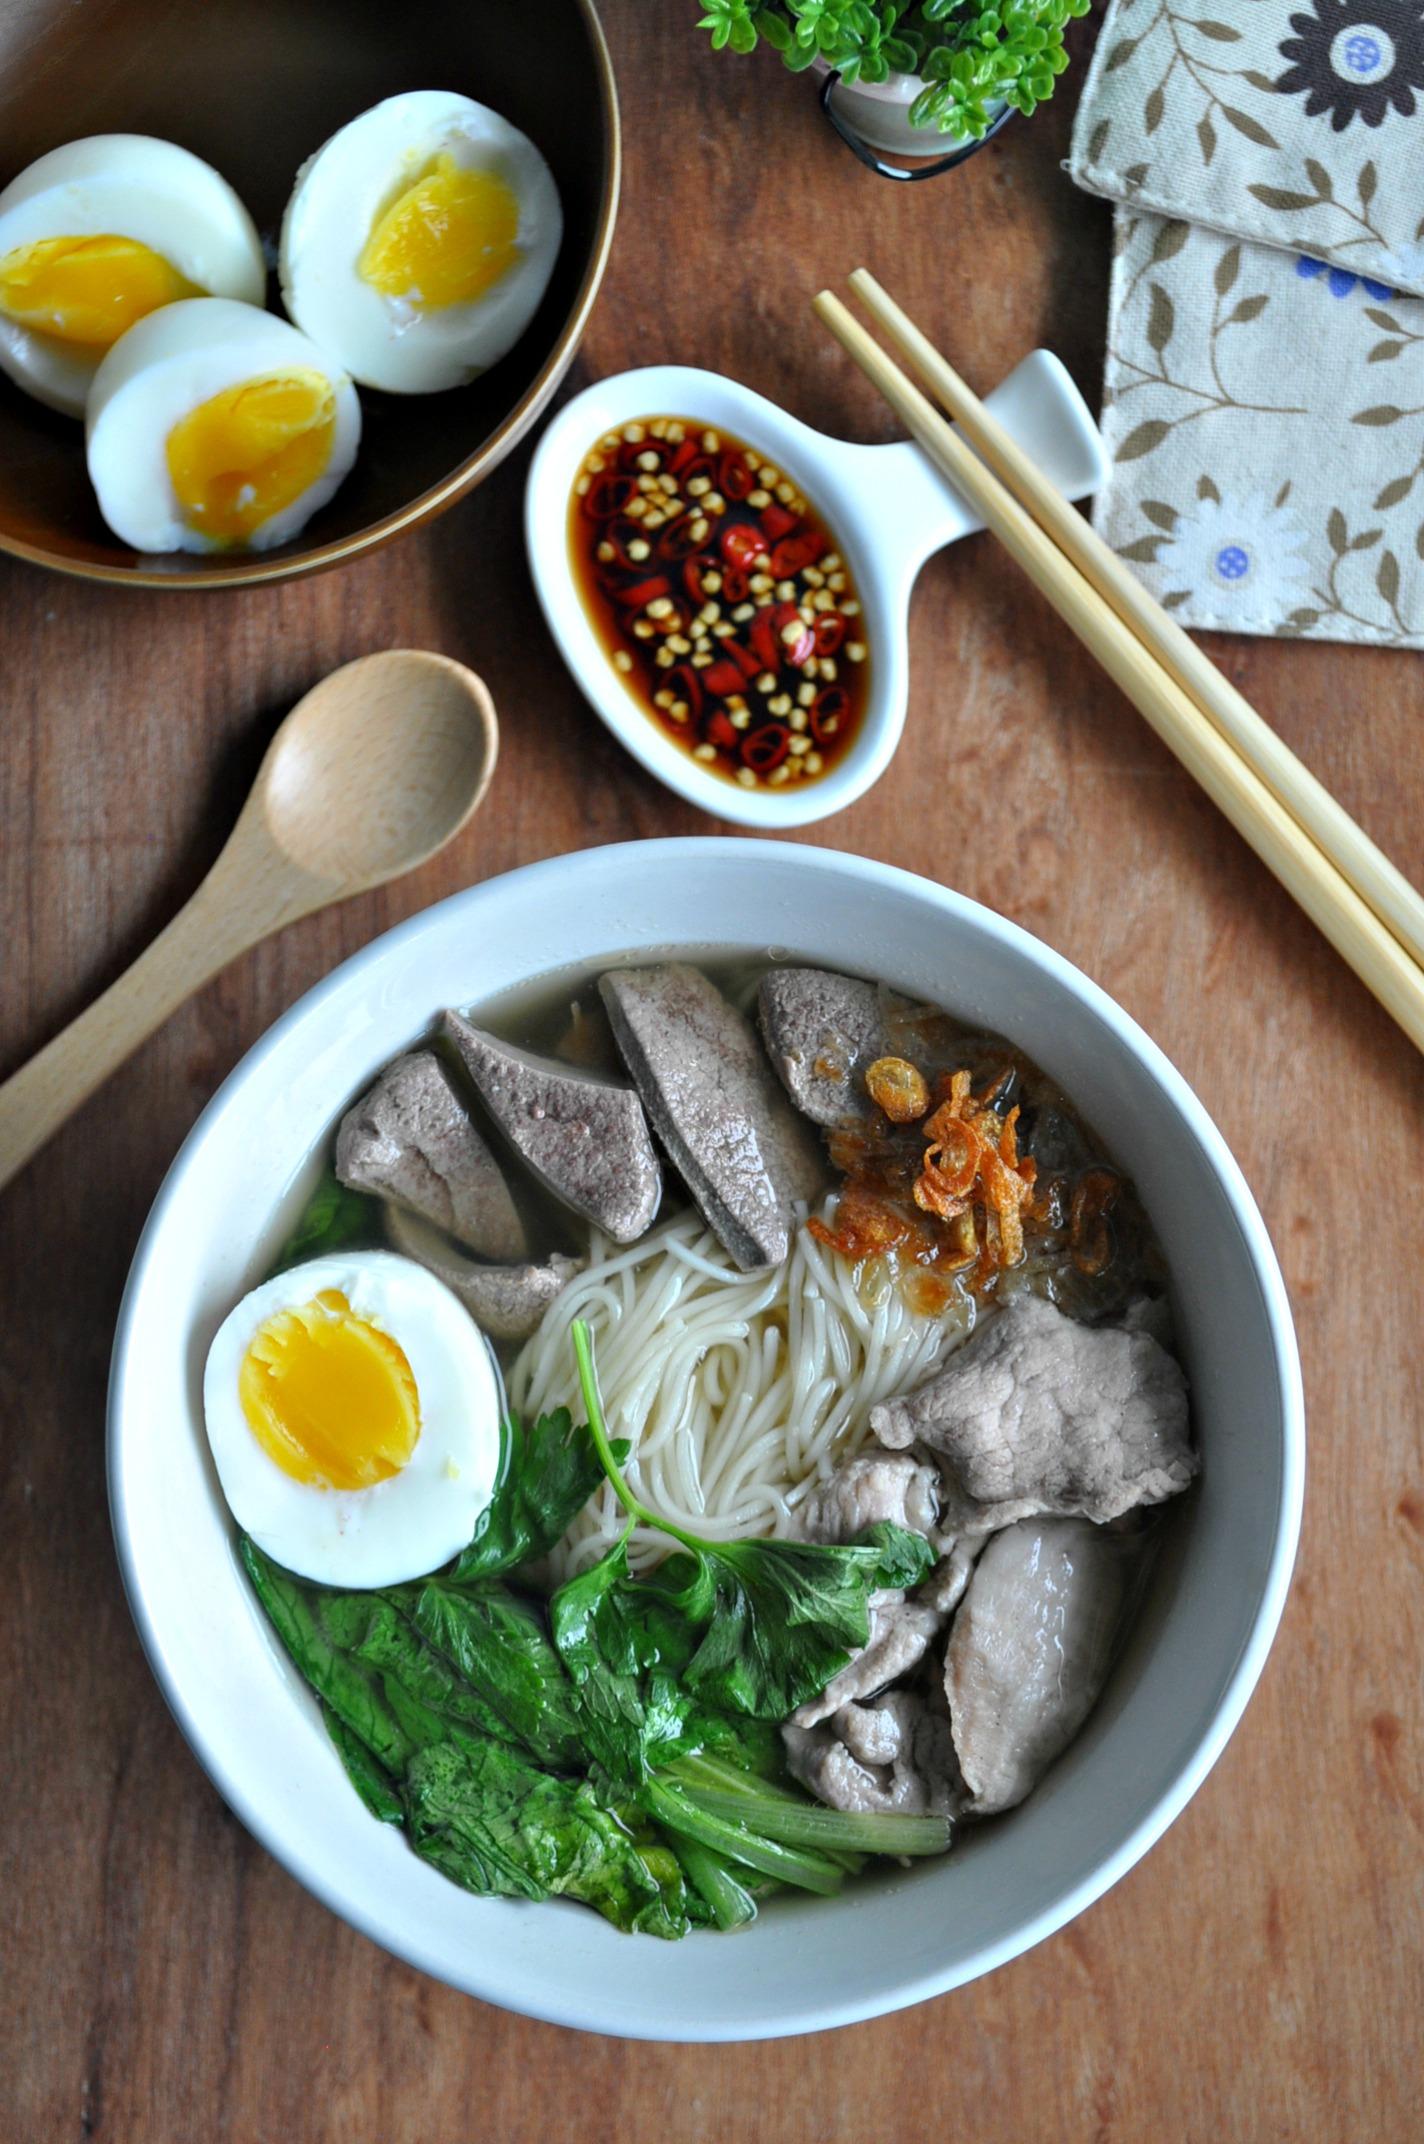 How to cook pork liver - 5 step by step recipes 59